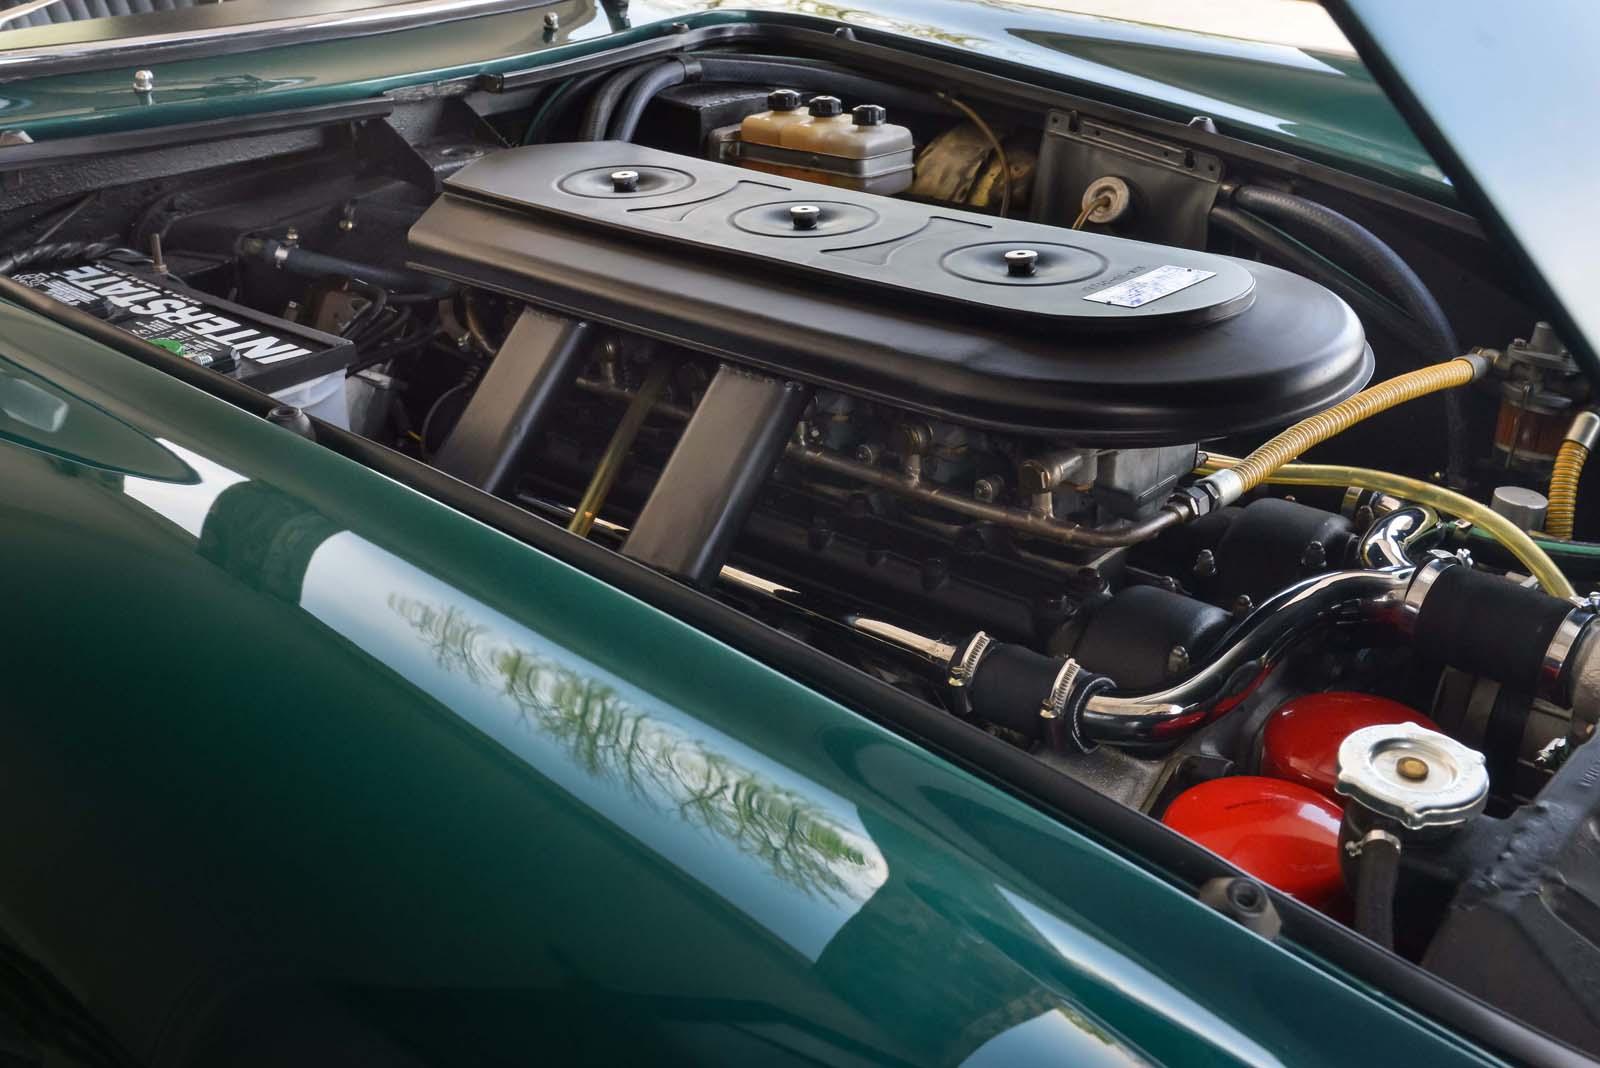 Vào thời kỳ năm 60 mà xe đã được trang bị động vơ V12, thật khủng khiếp